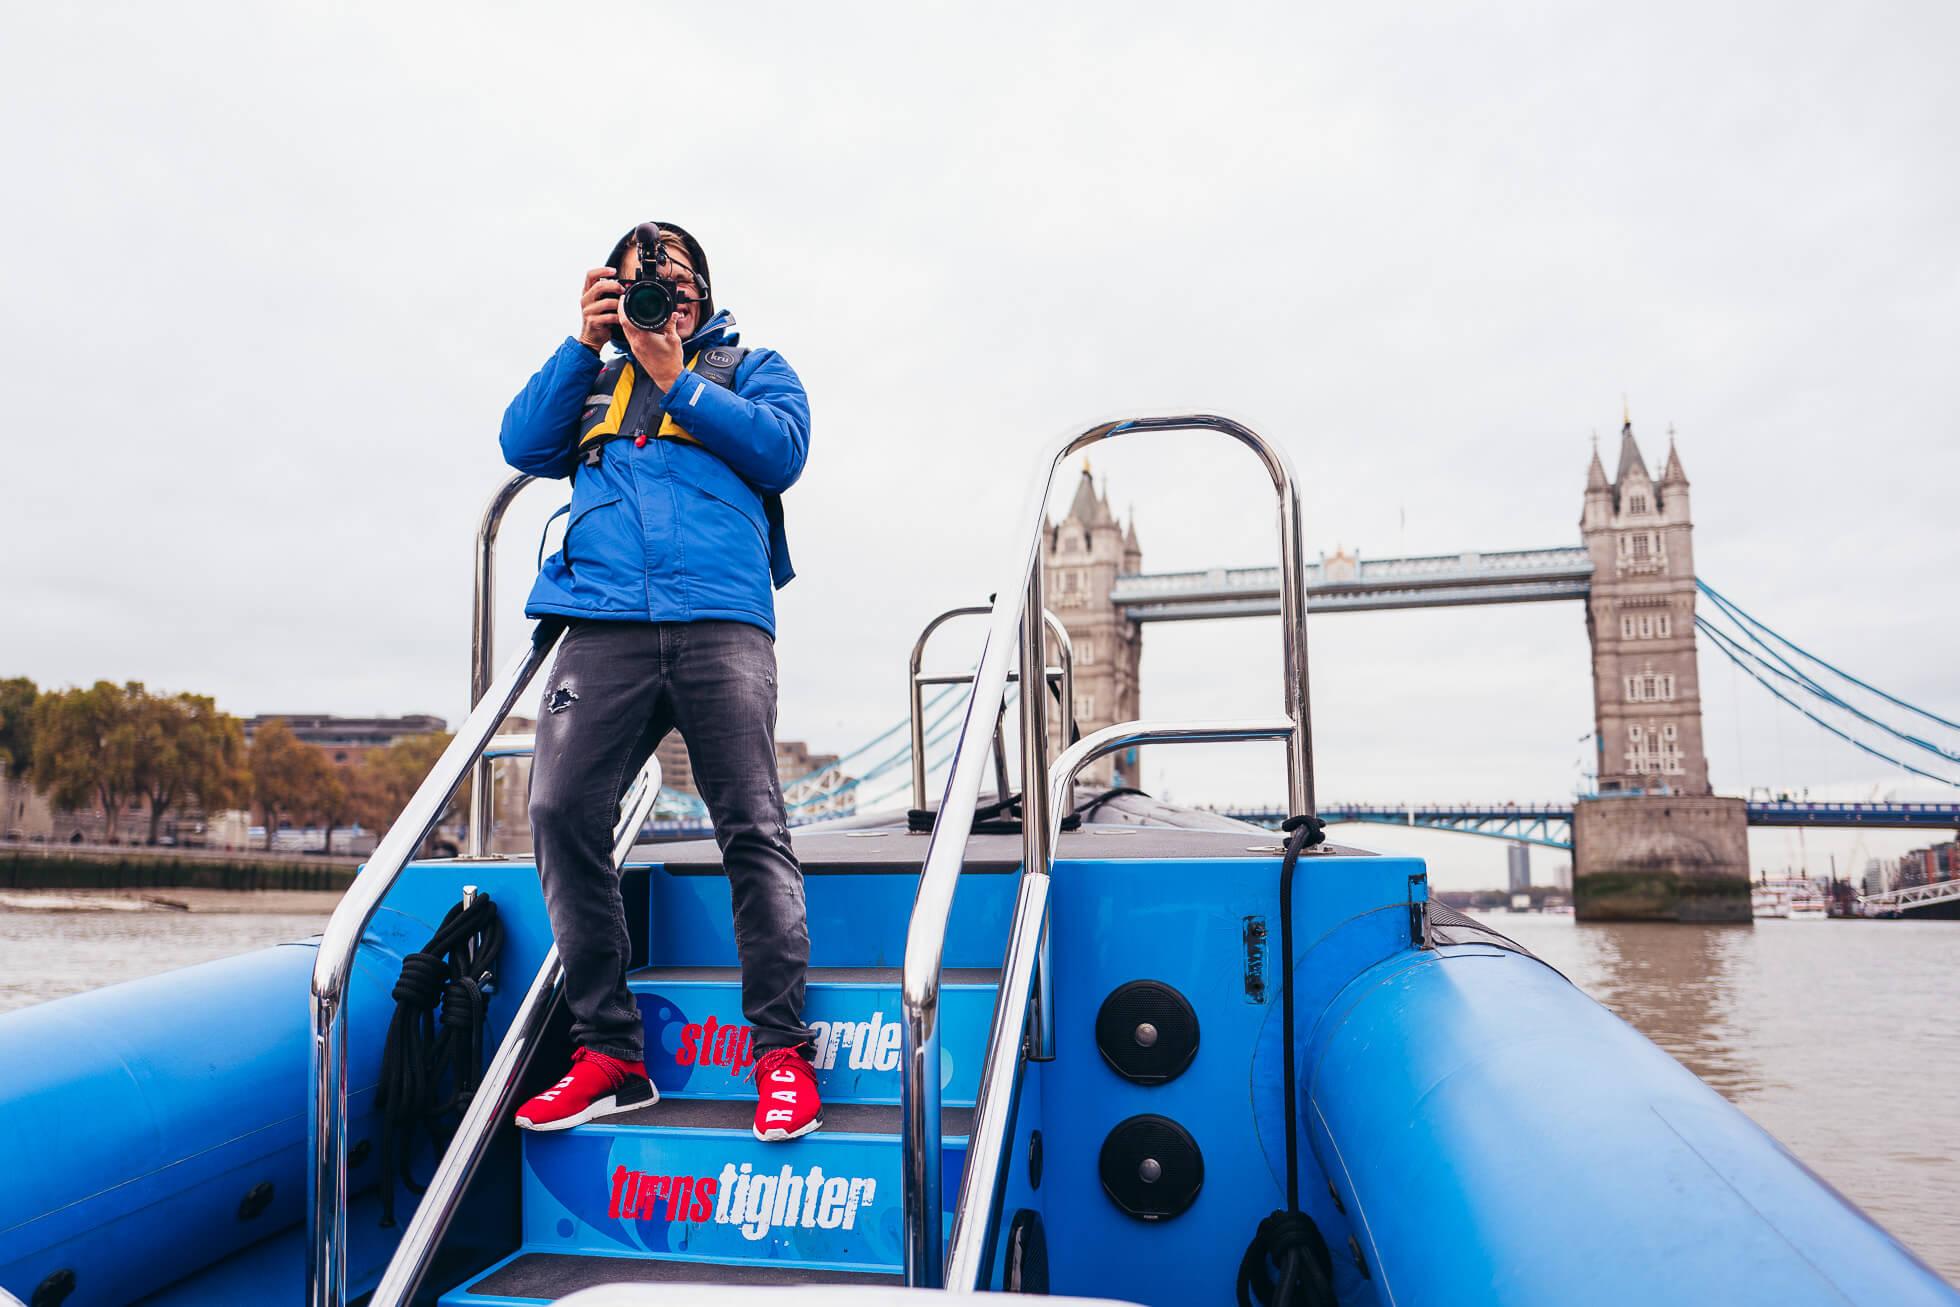 janni-deler-speedboat-londonl1160068